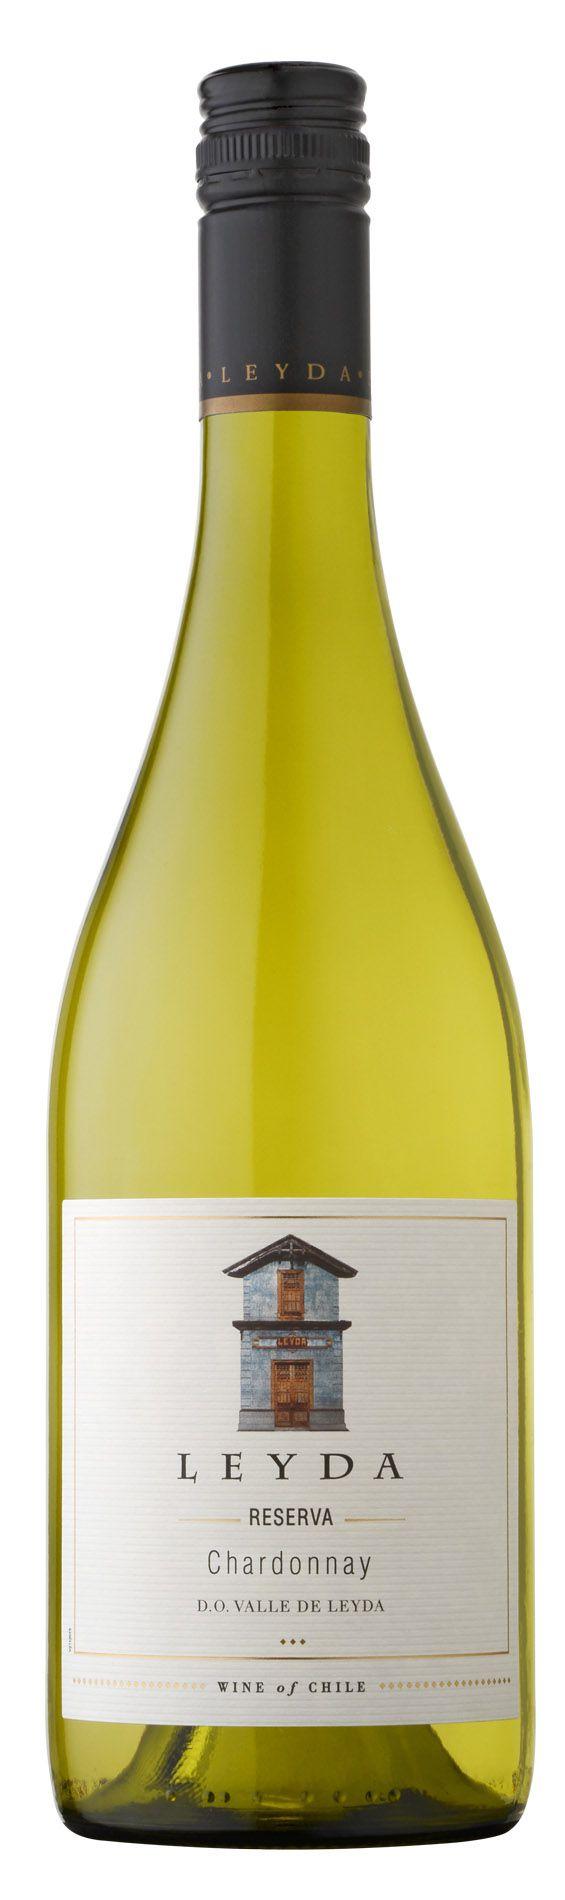 Vinho Leyda Reserva Chardonnay